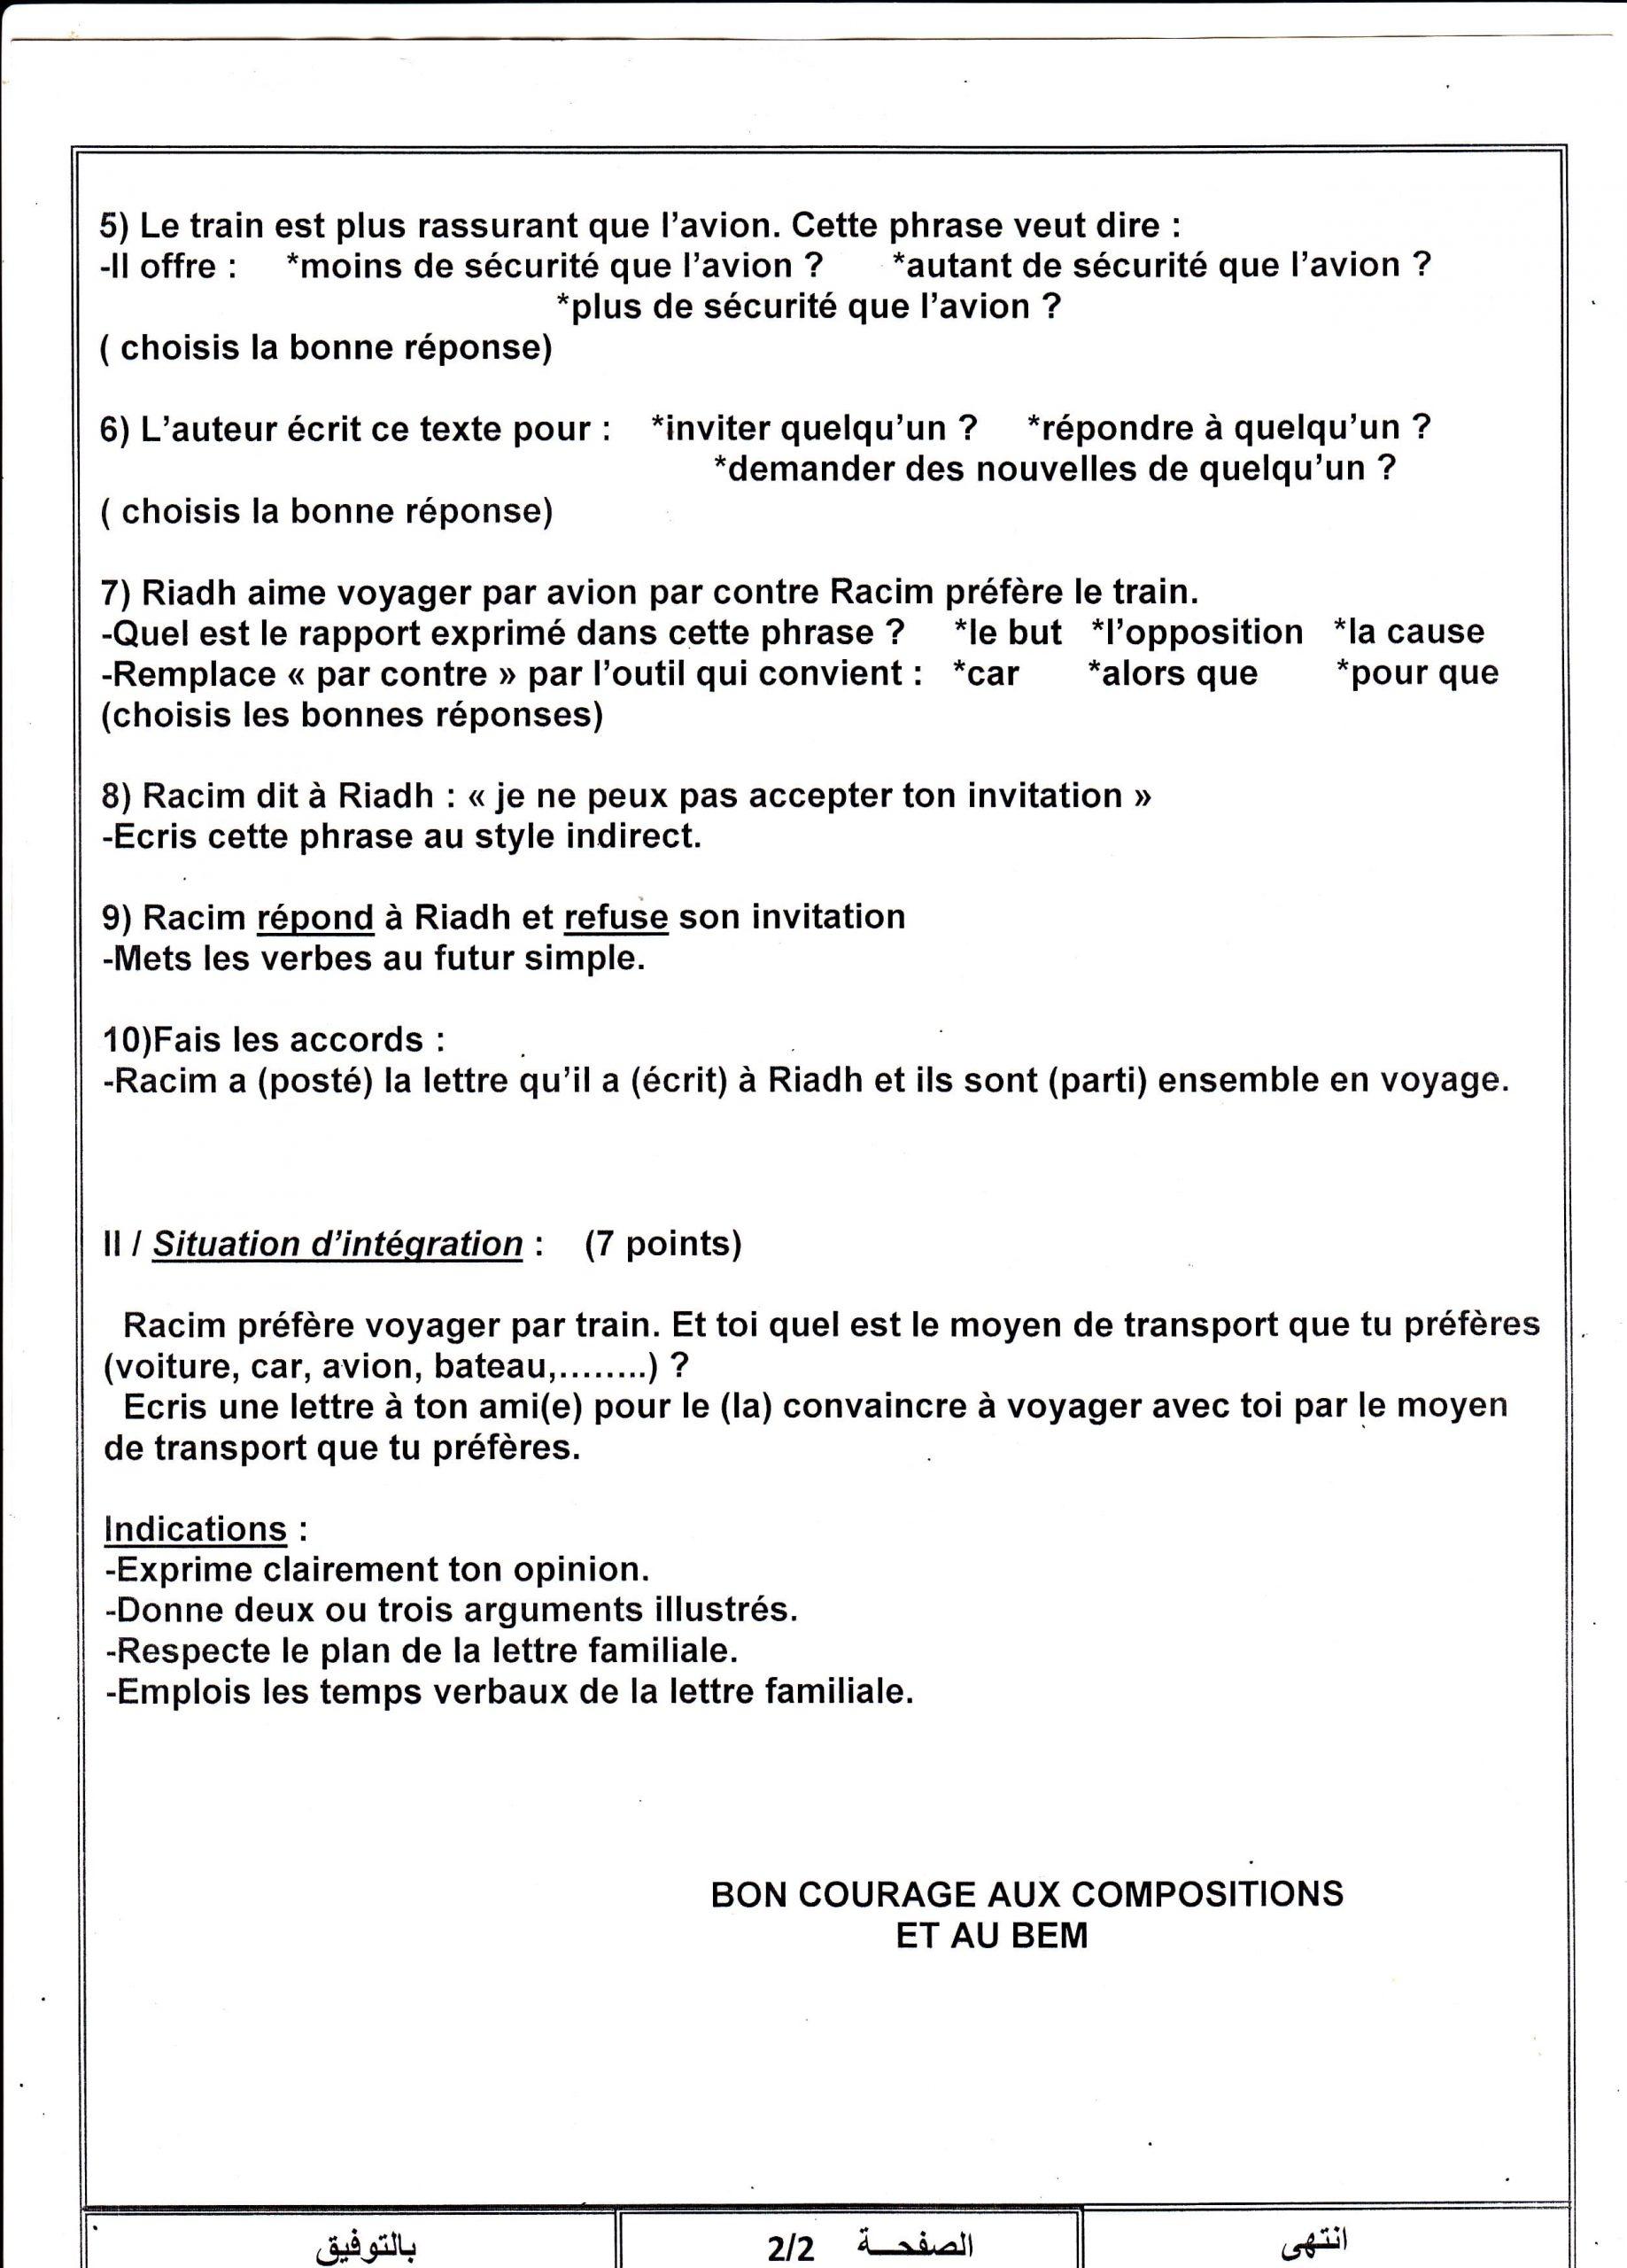 اختبار الفصل الثالث في اللغة الفرنسية السنة الرابعة متوسط | الموضوع 06